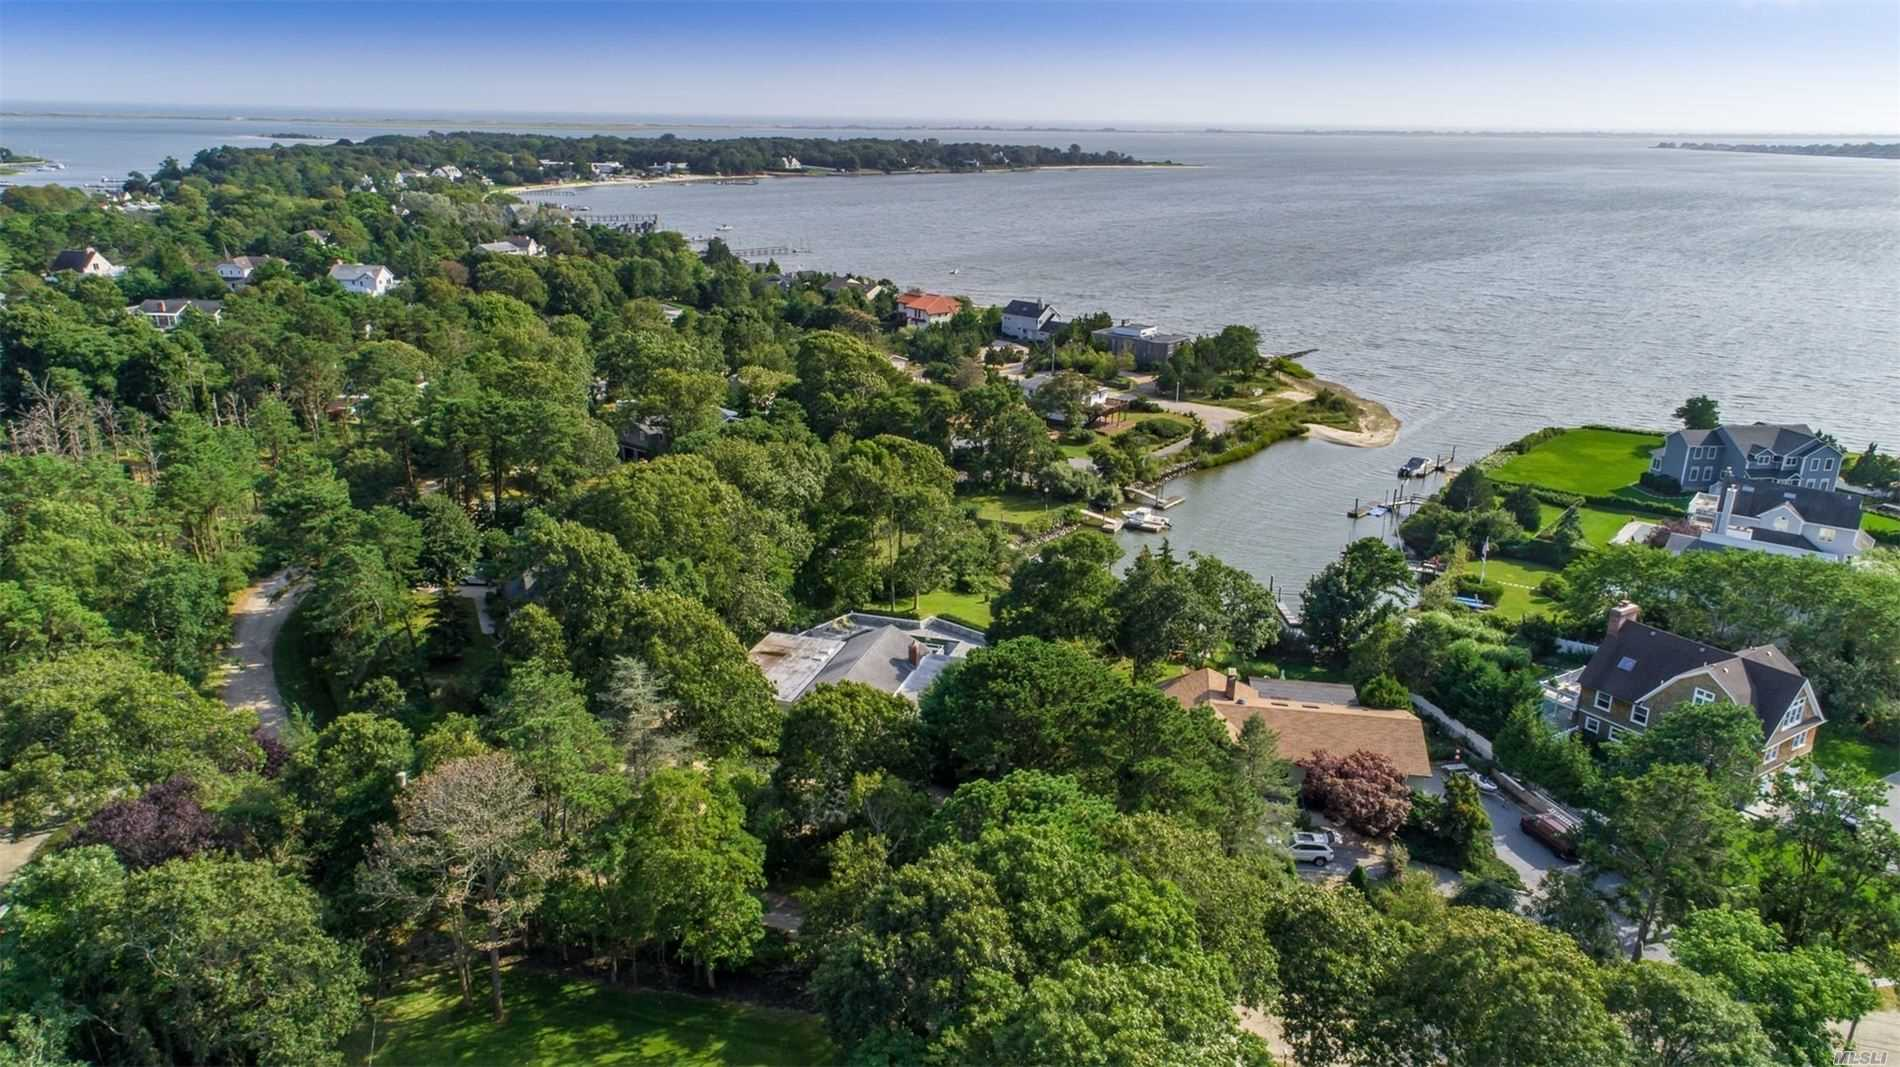 53 Grant Blvd Hampton Bays, NY 11946